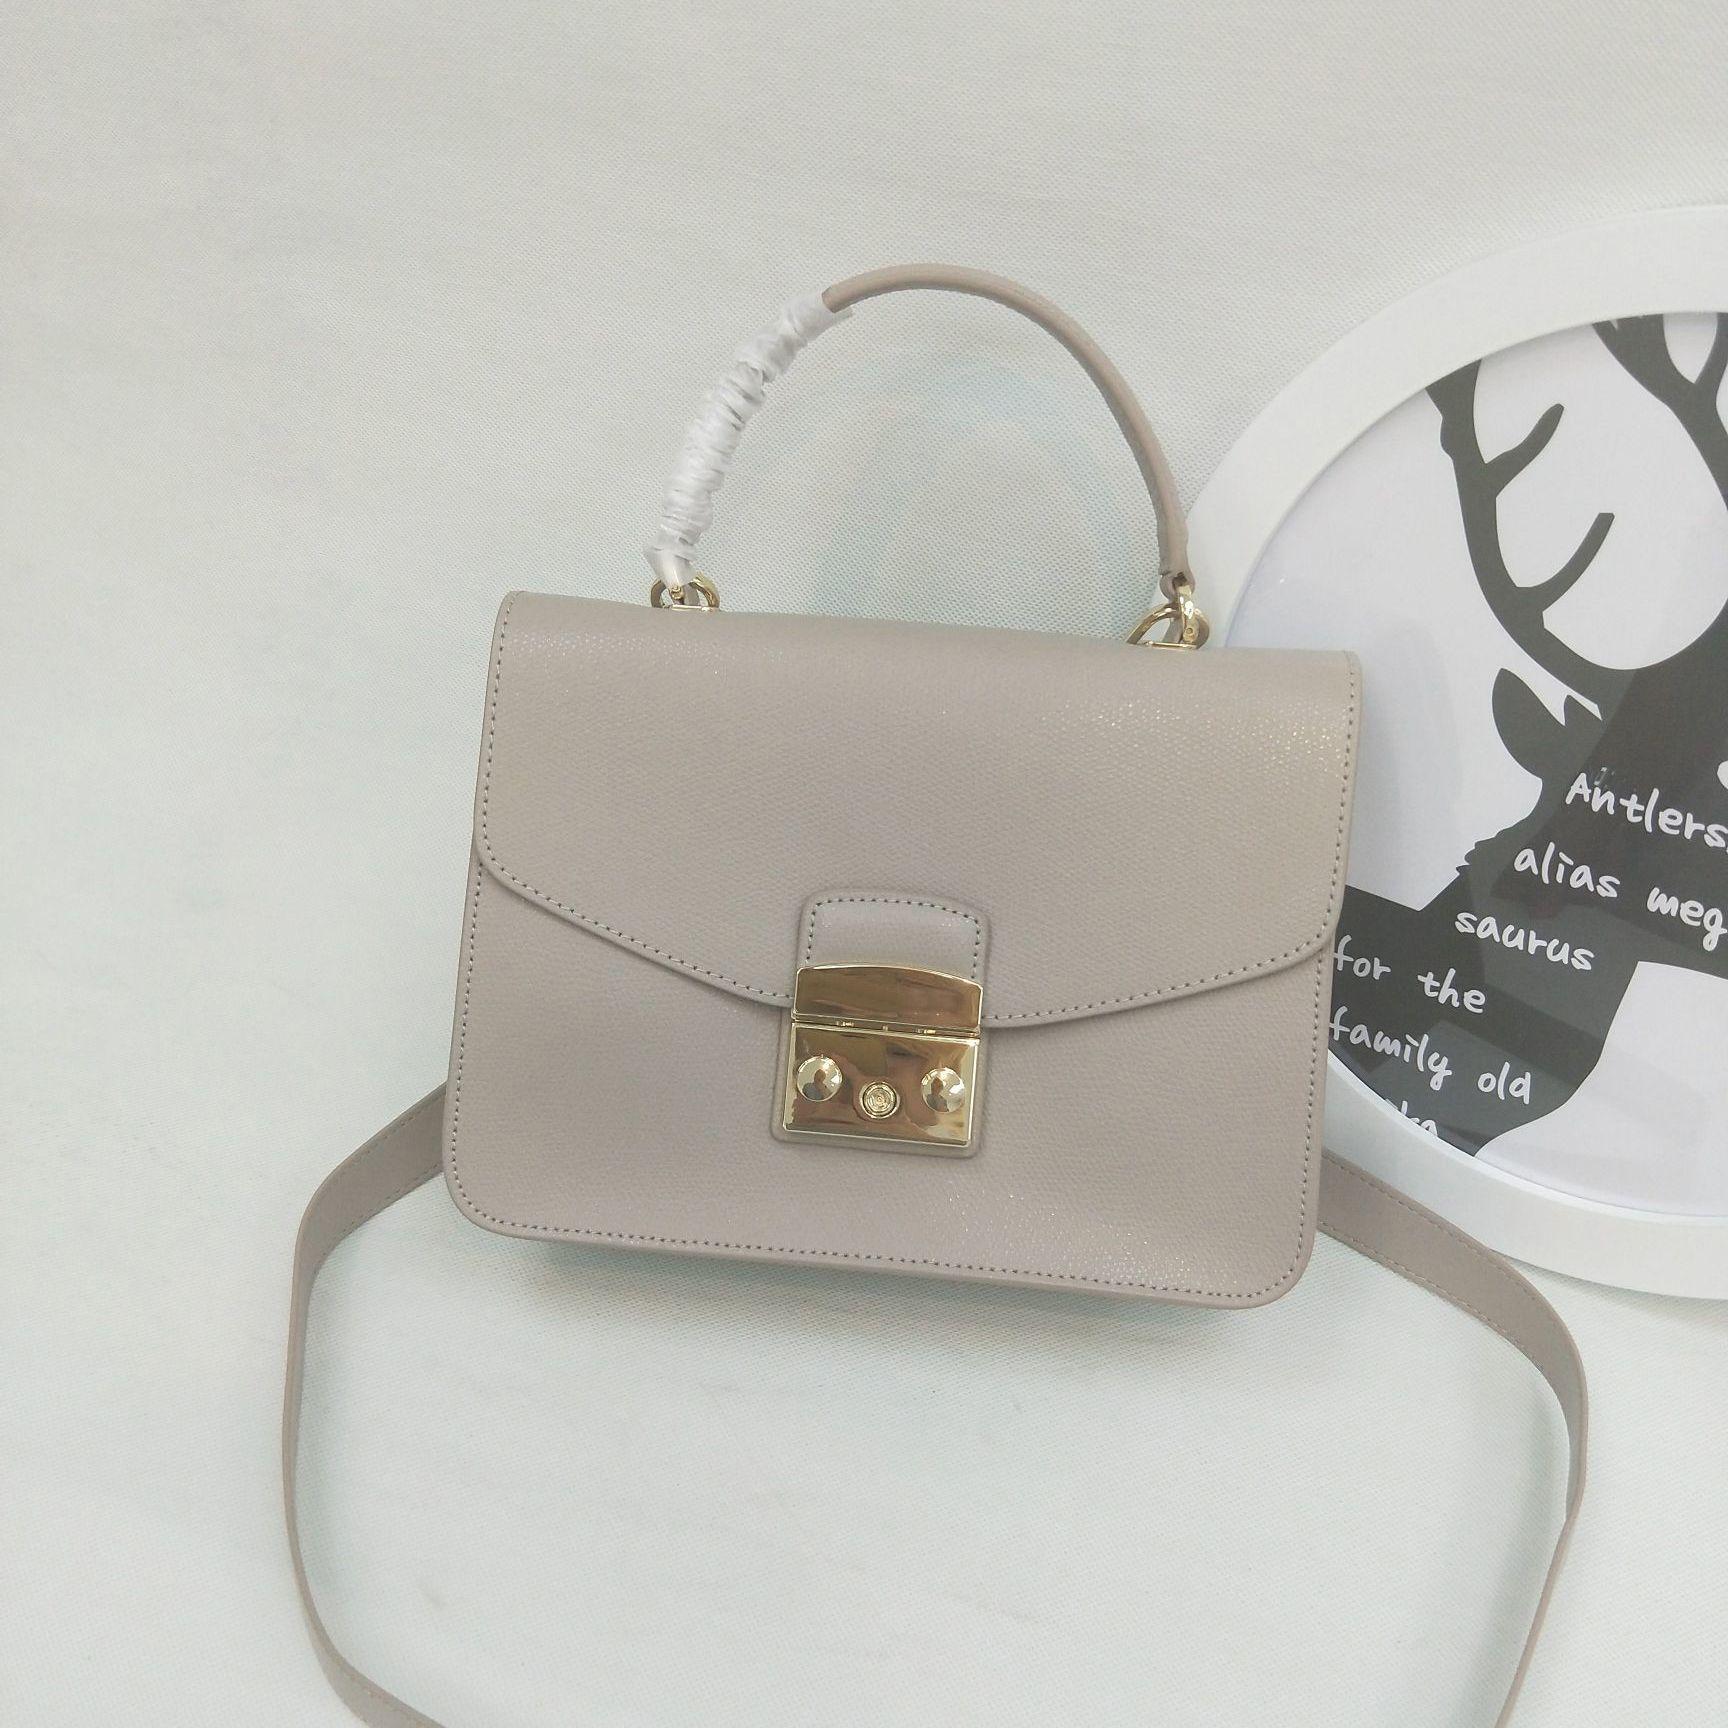 Totes Diseñador Lujo Bolsos de Lujo Monederos Top Calidad Mujeres Bolsas Crossbody Hombro Hombro Diseñador Luxury Bols Bag Storage Cosmetic